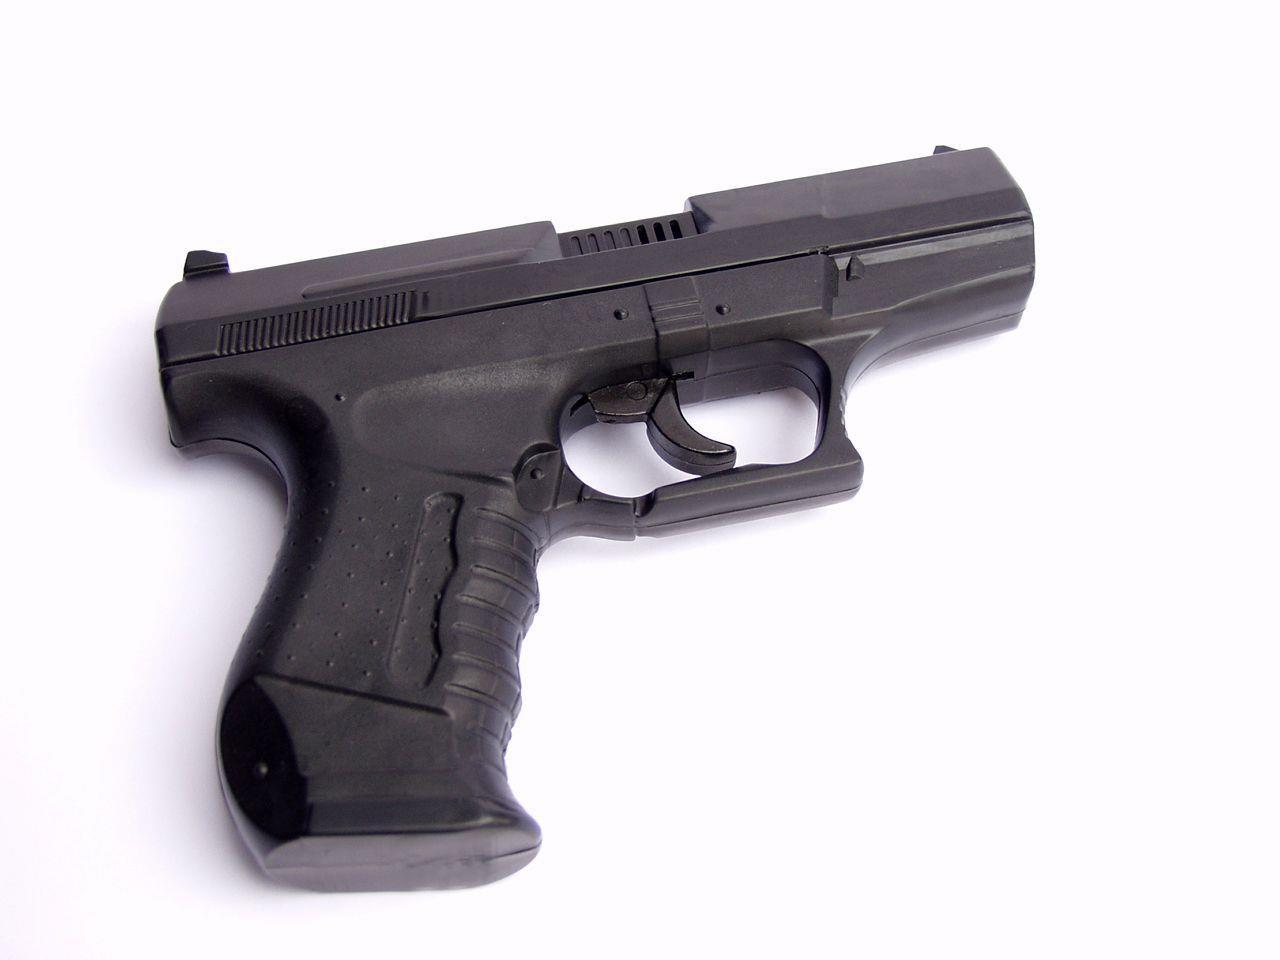 Eine Pistole zogen die minderjährigen Räuber